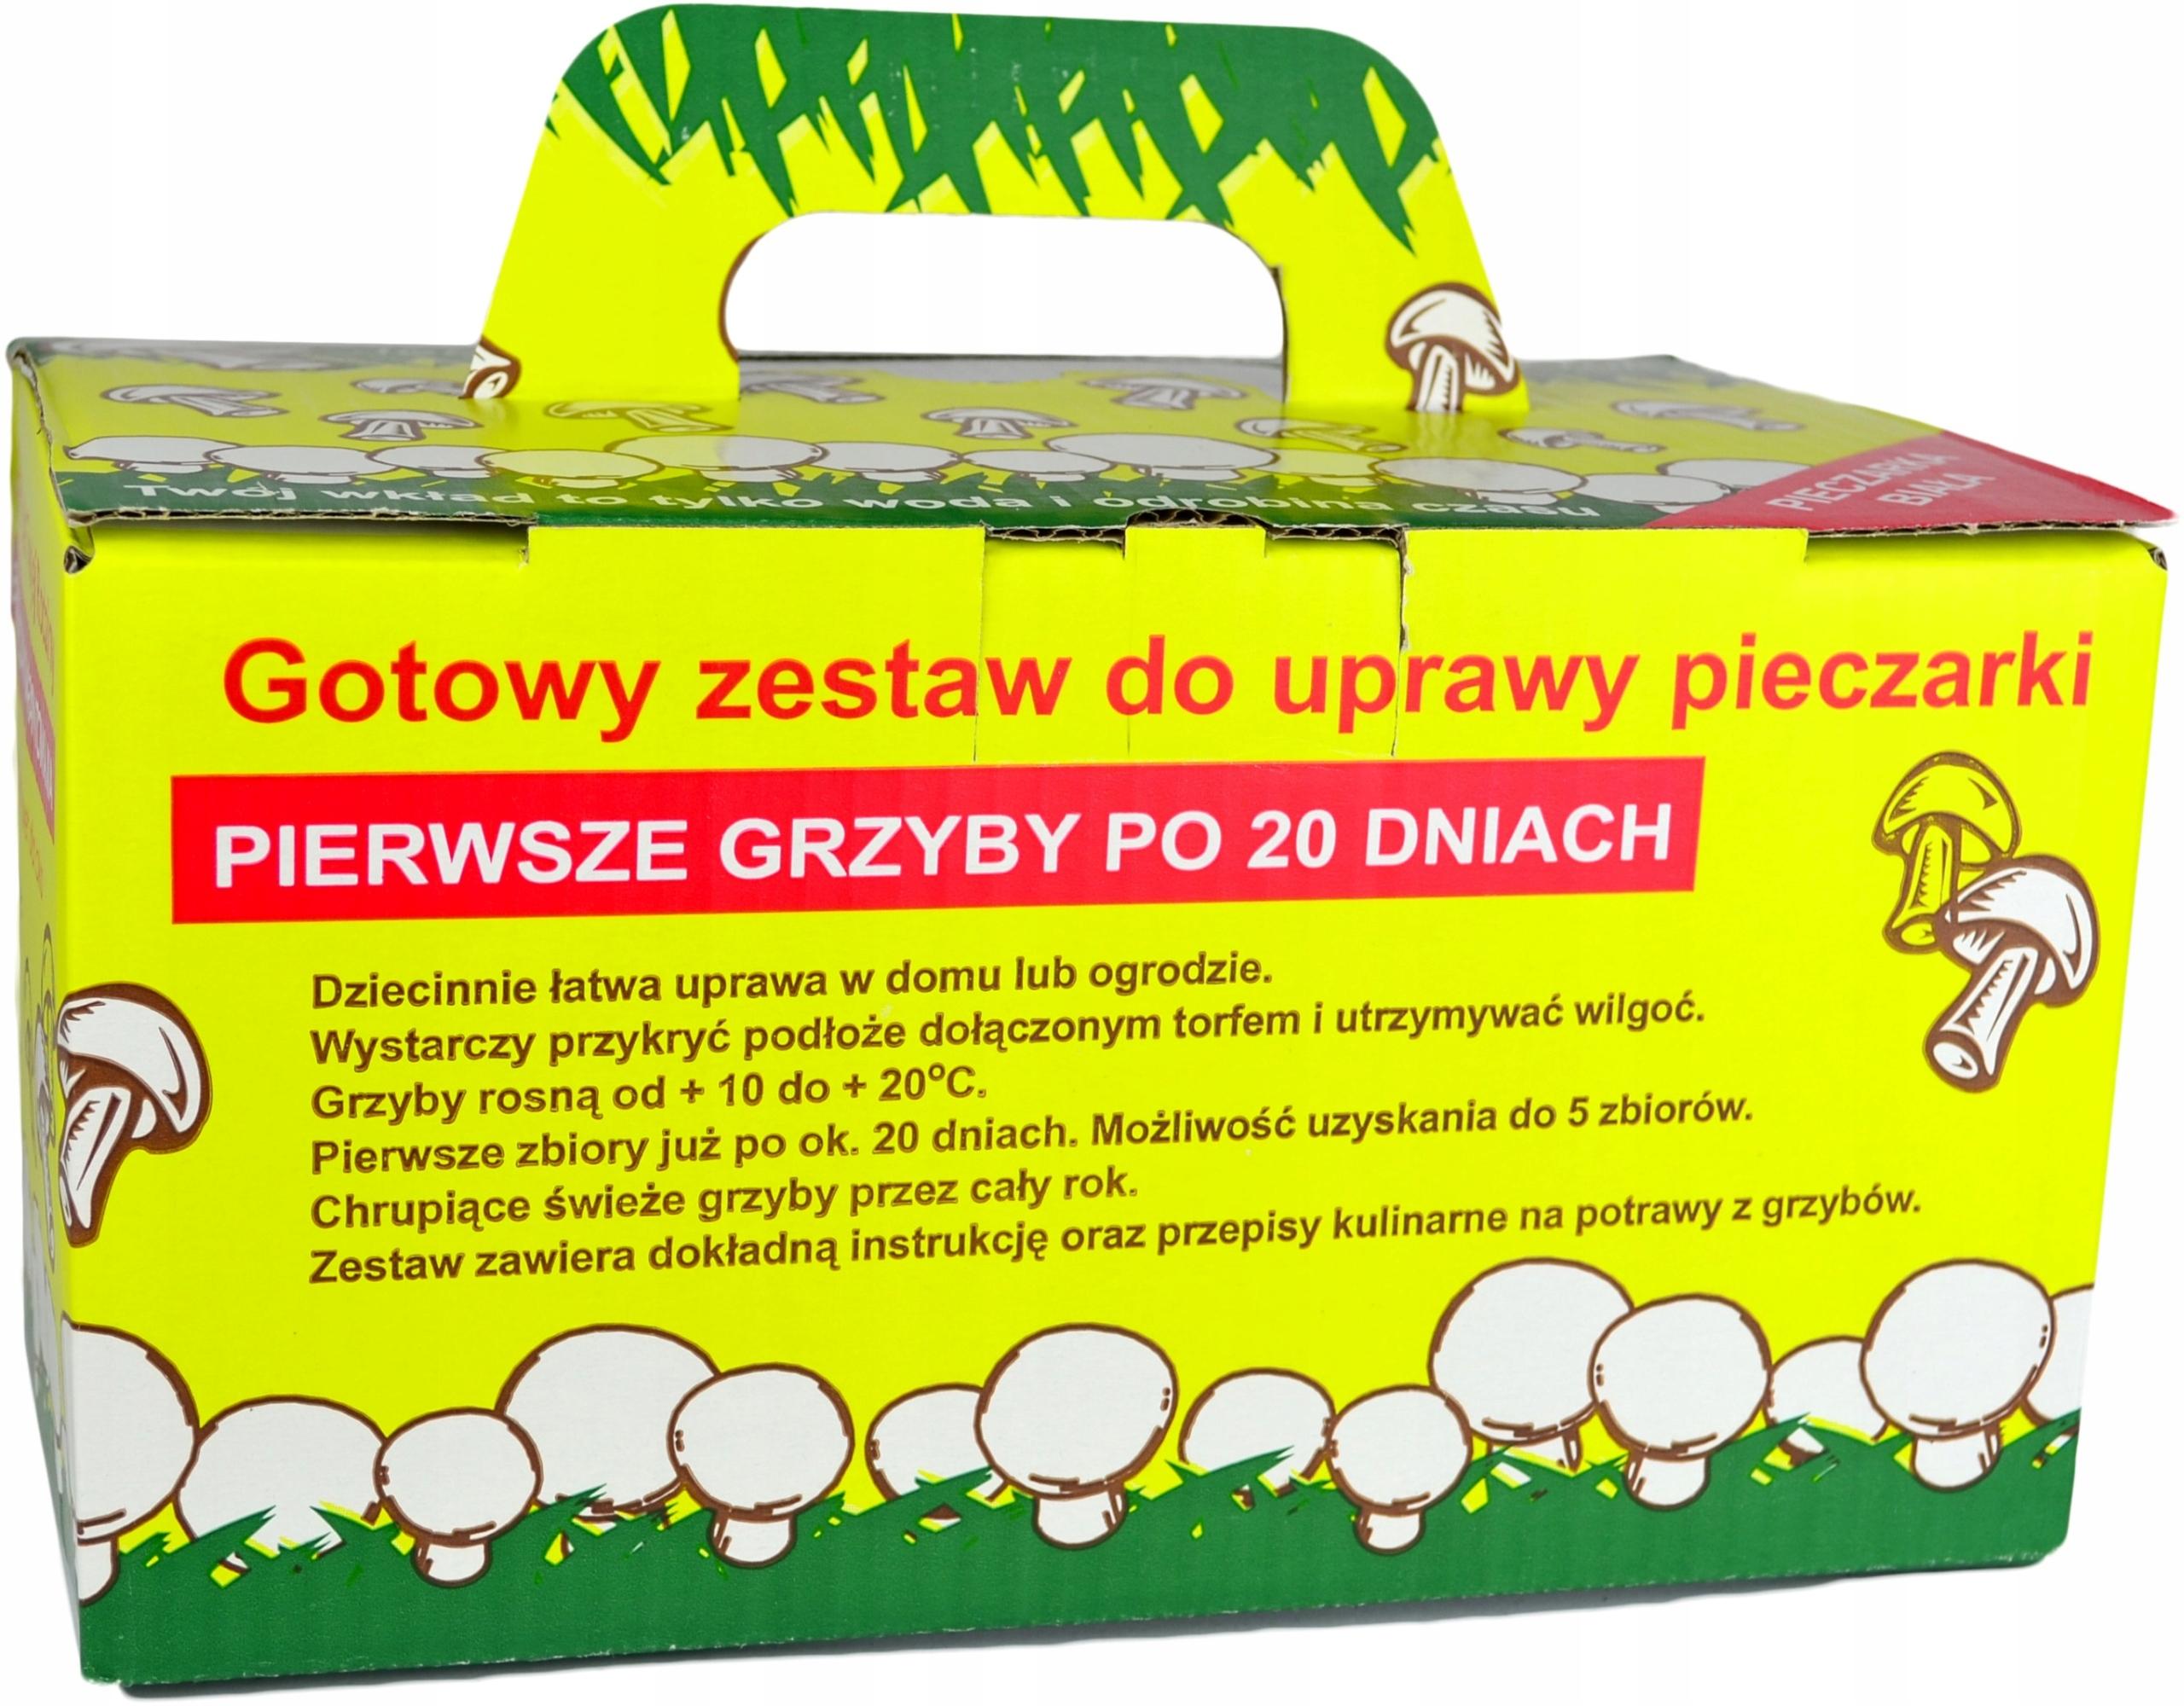 Грибы в домике садового гриб белый мицелий